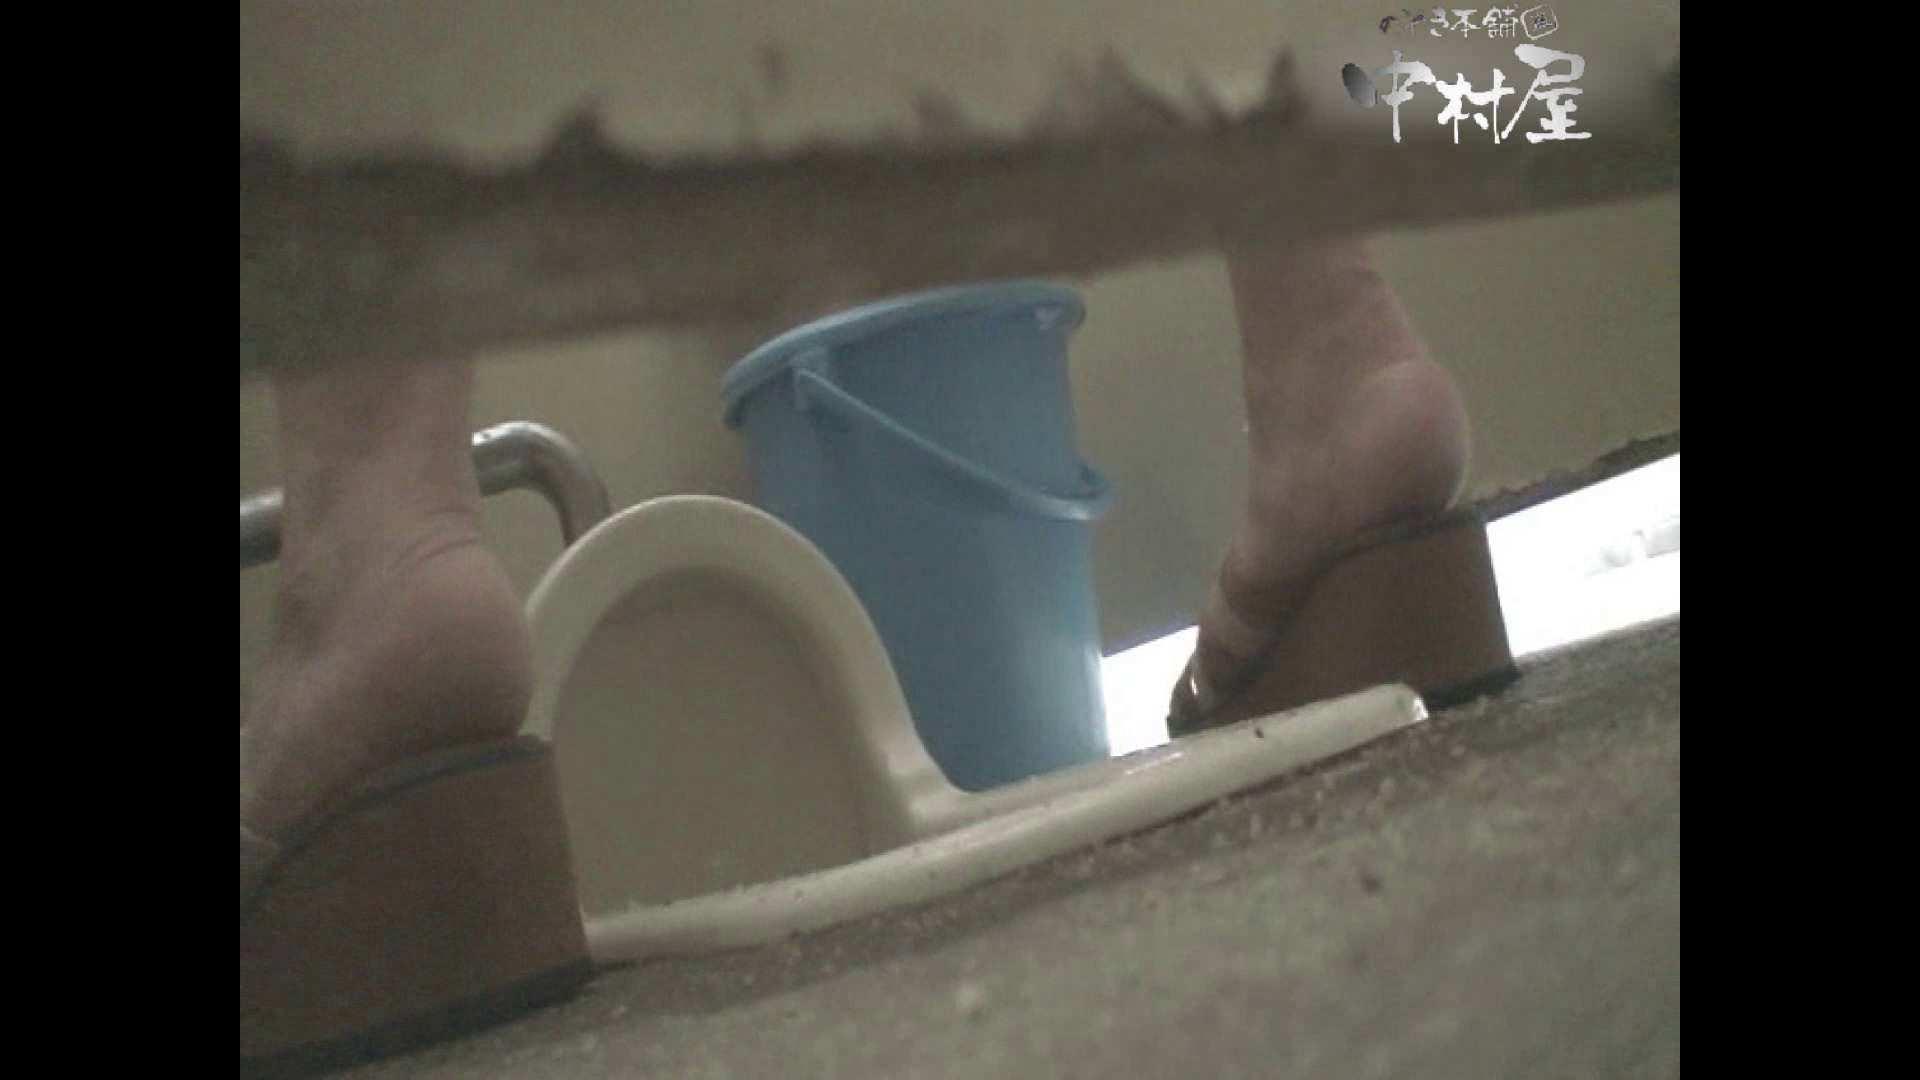 岩手県在住盗撮師盗撮記録vol.16 盗撮動画 のぞき動画キャプチャ 11枚 2